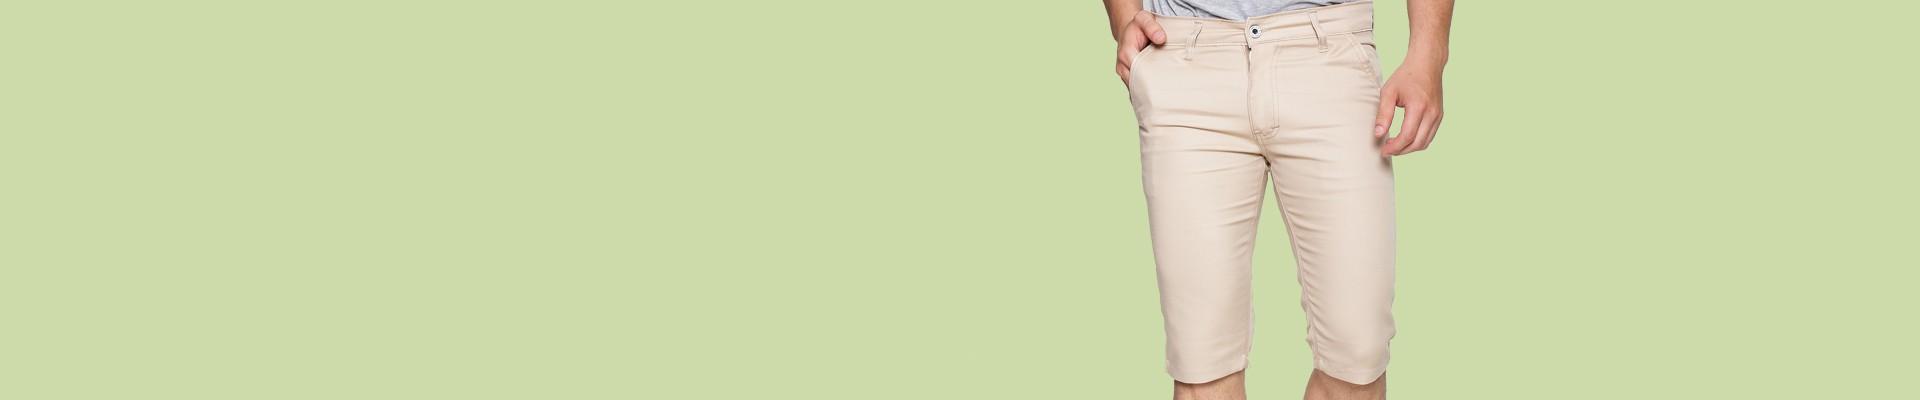 Jual Celana Pendek Pria Model Terbaru